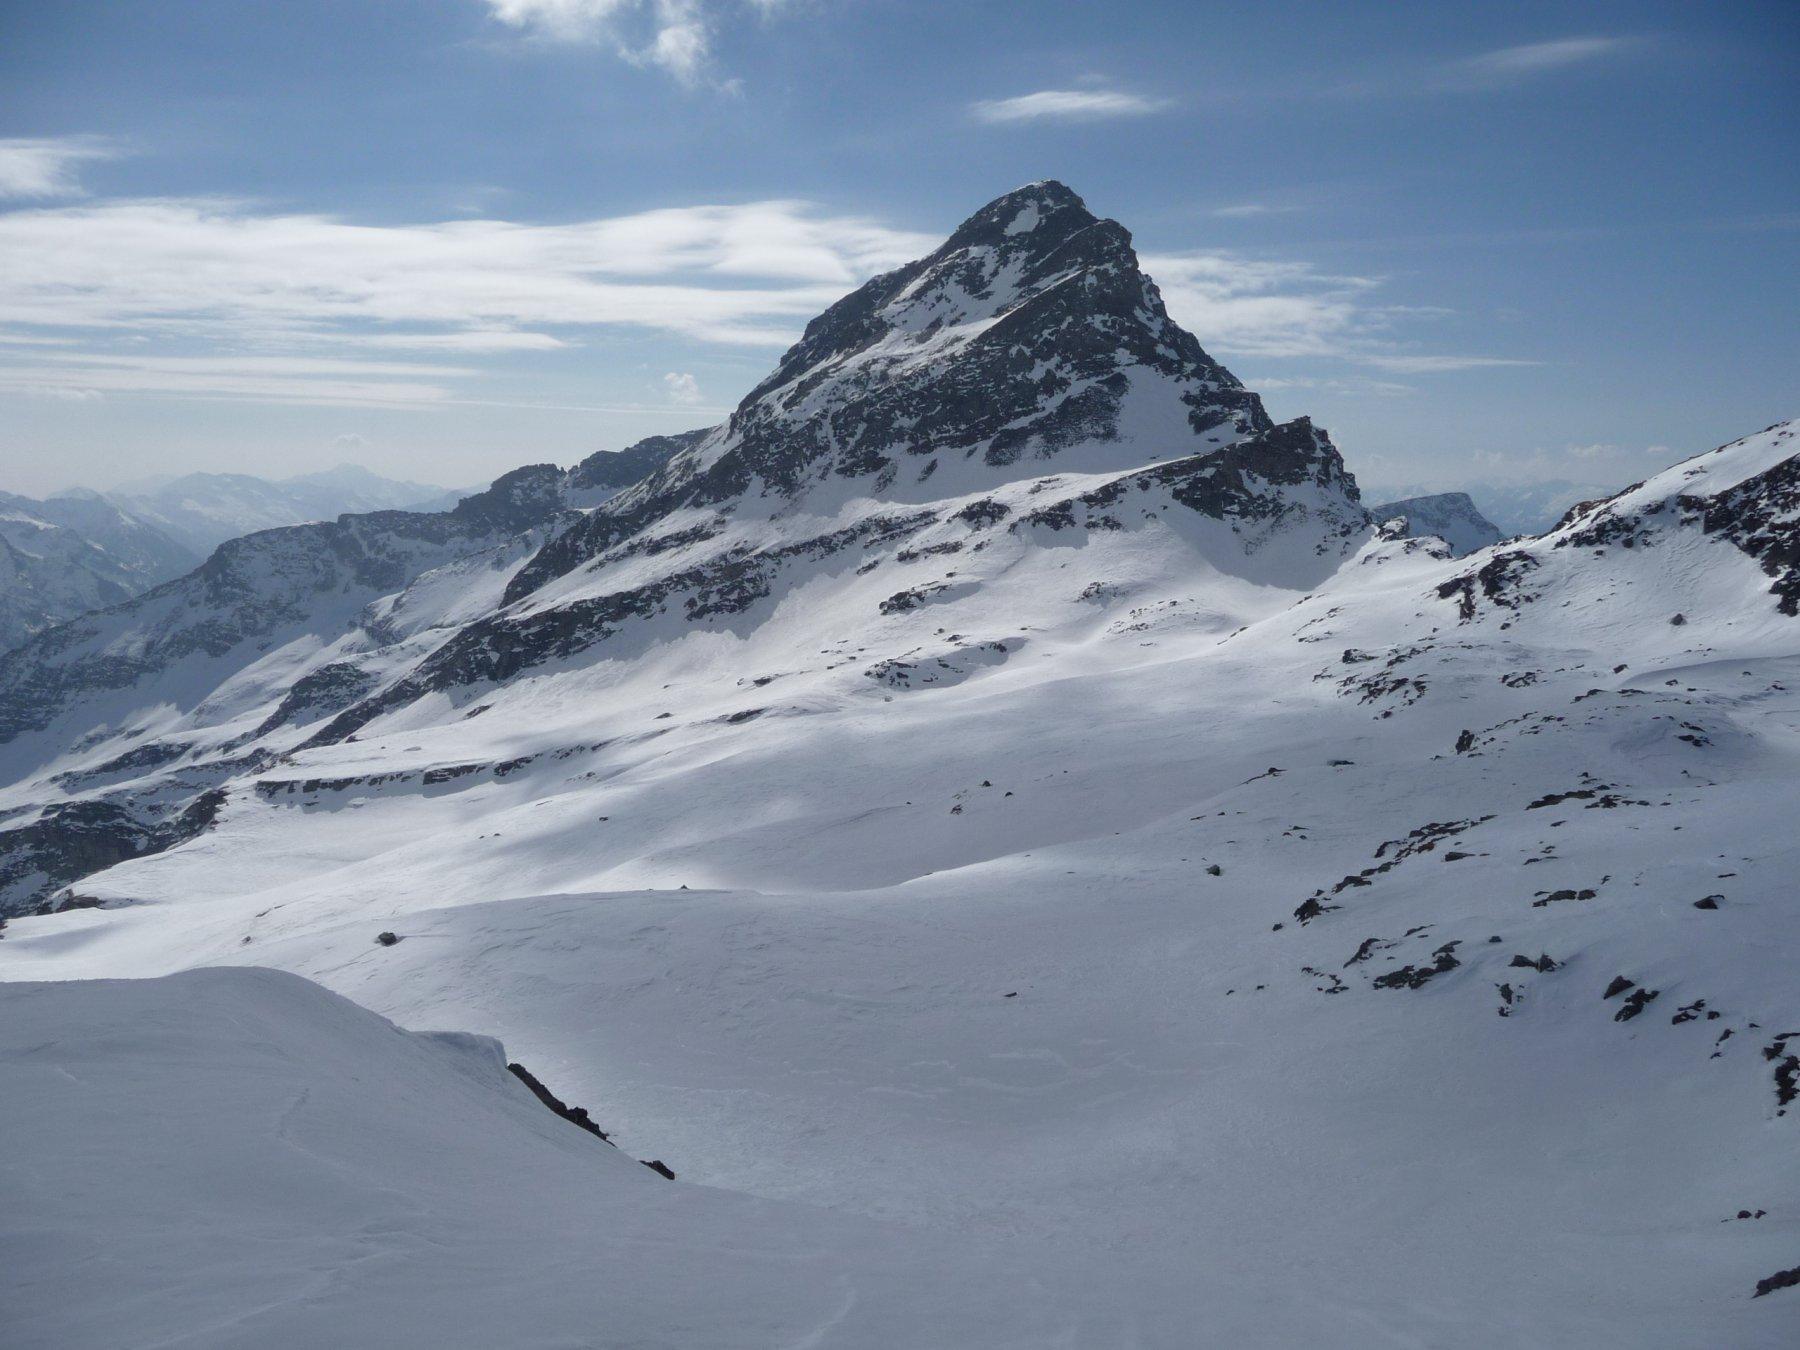 il versante N della Testa Grigia dai pendii superiori oltre il colle N